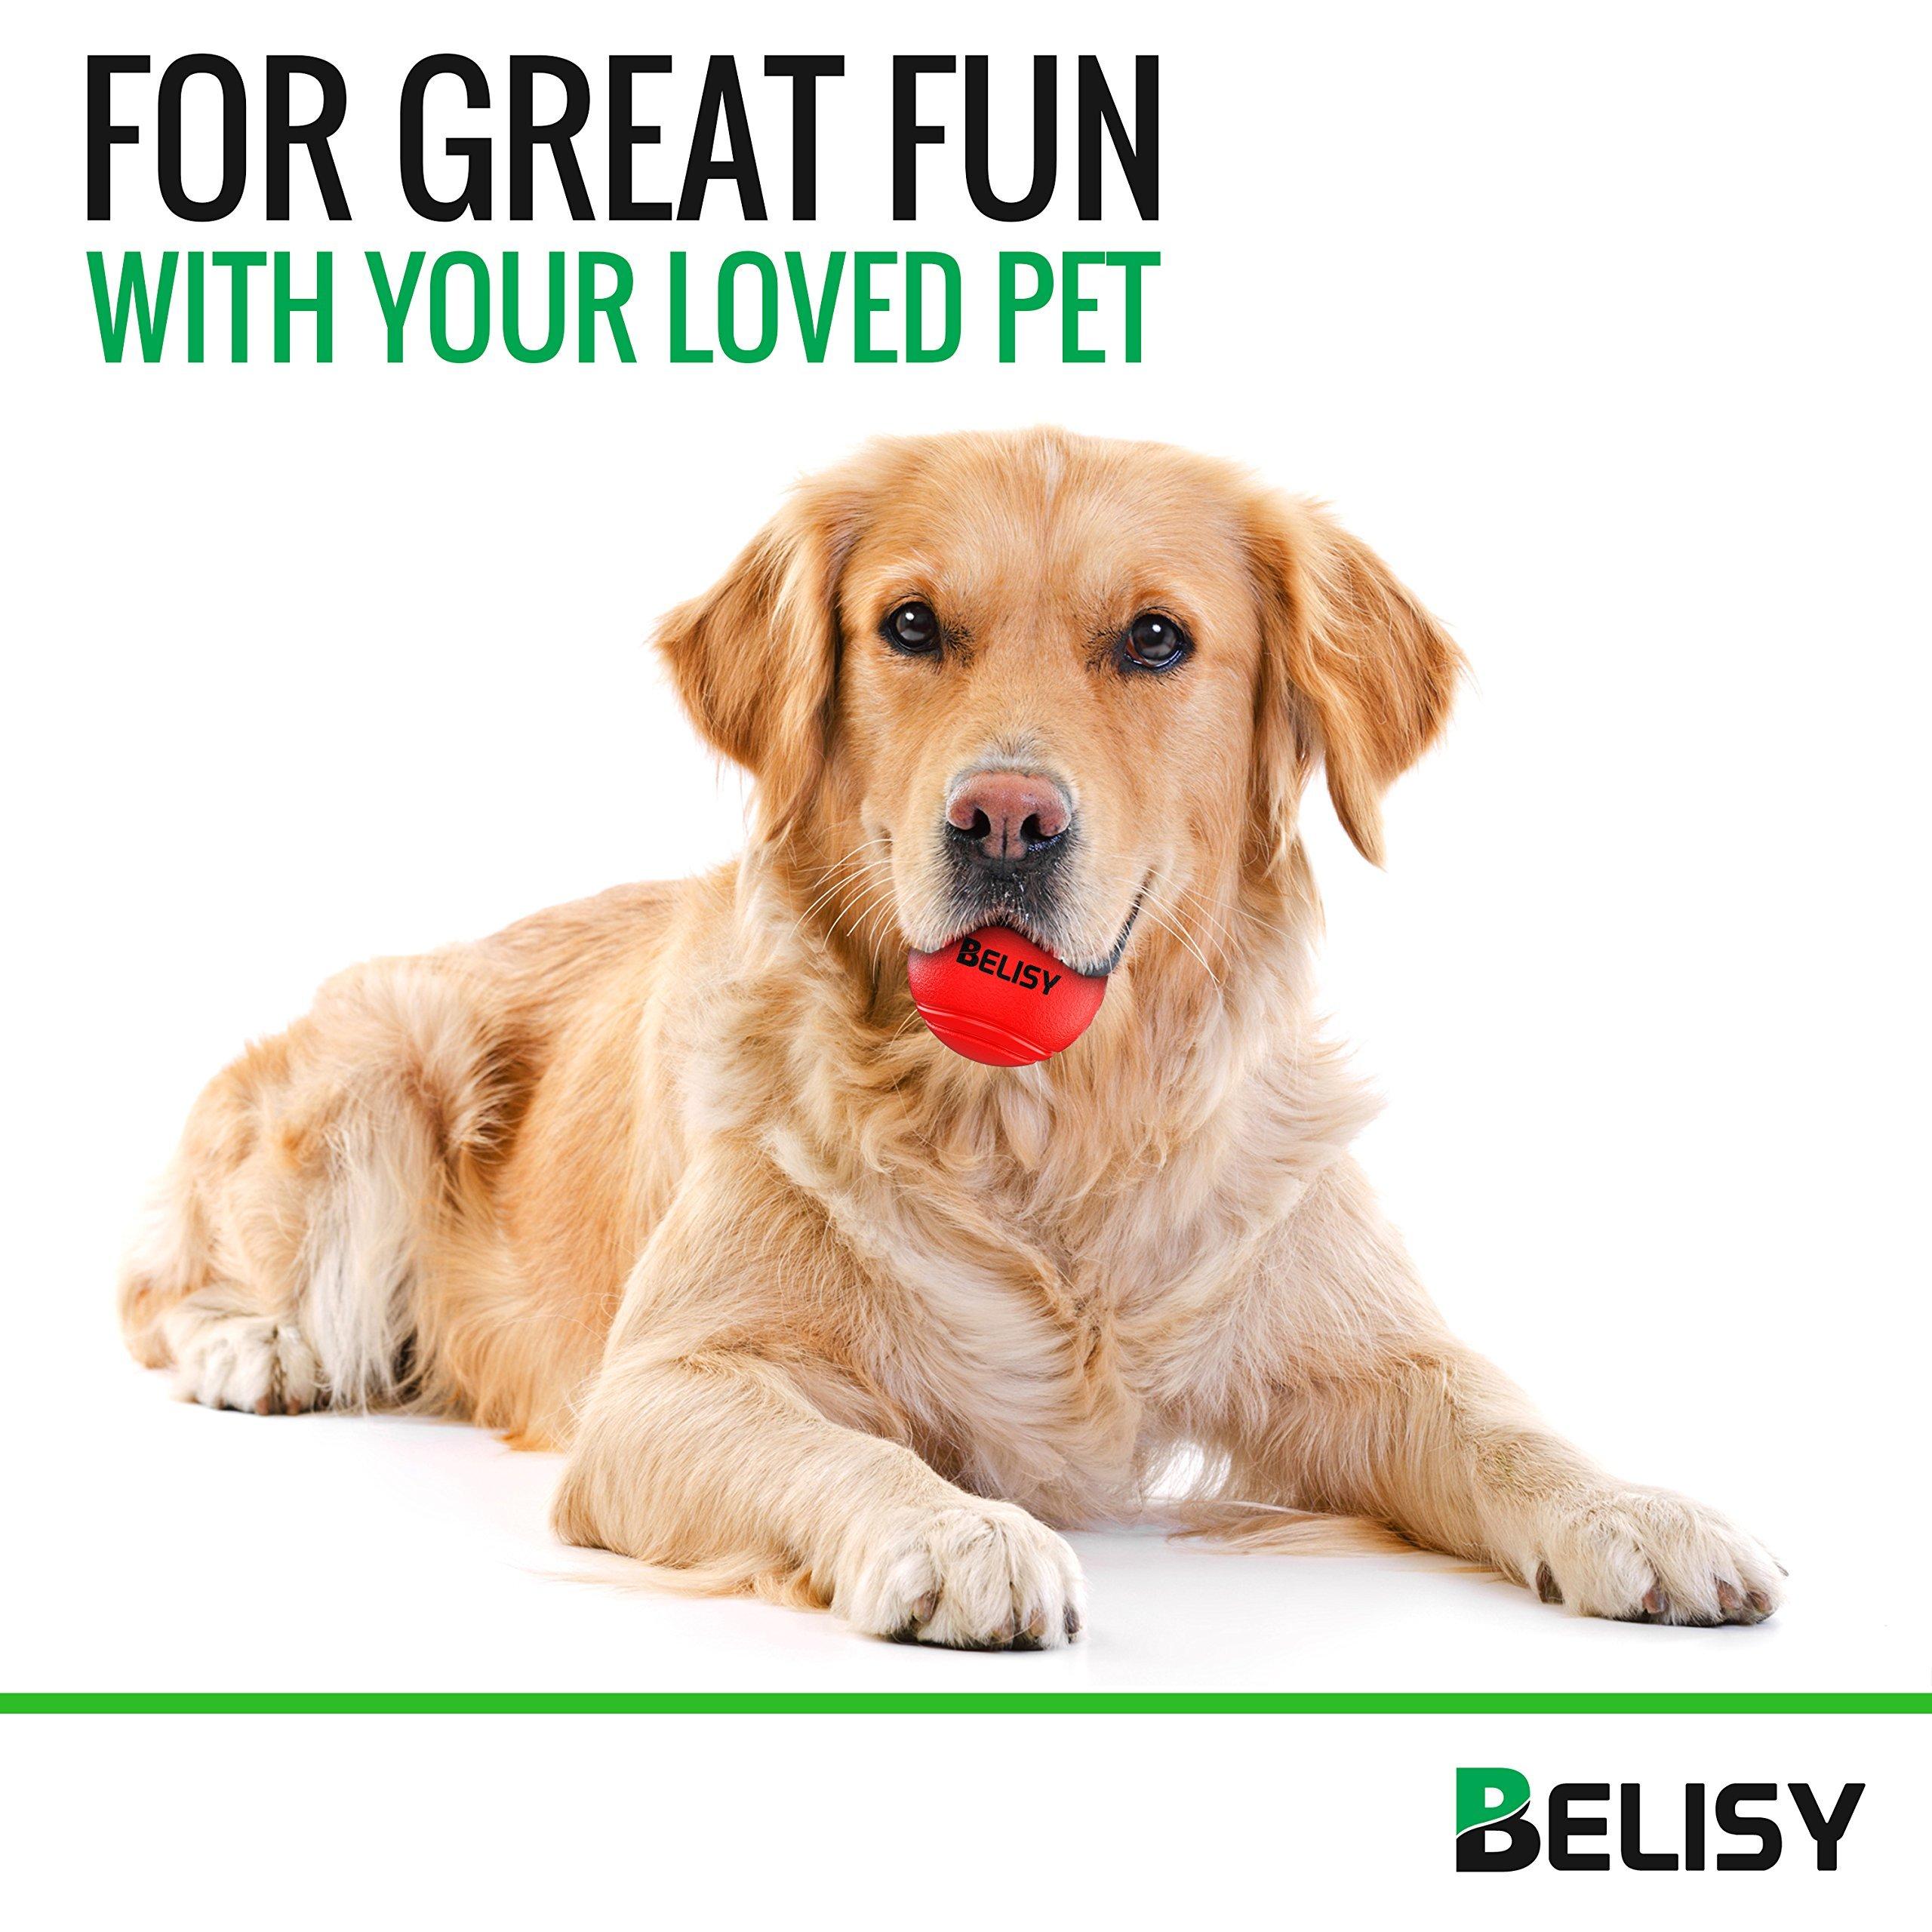 BELISY Pelota Perro - Juegos Para Perros - Adecuado Para Perros ...